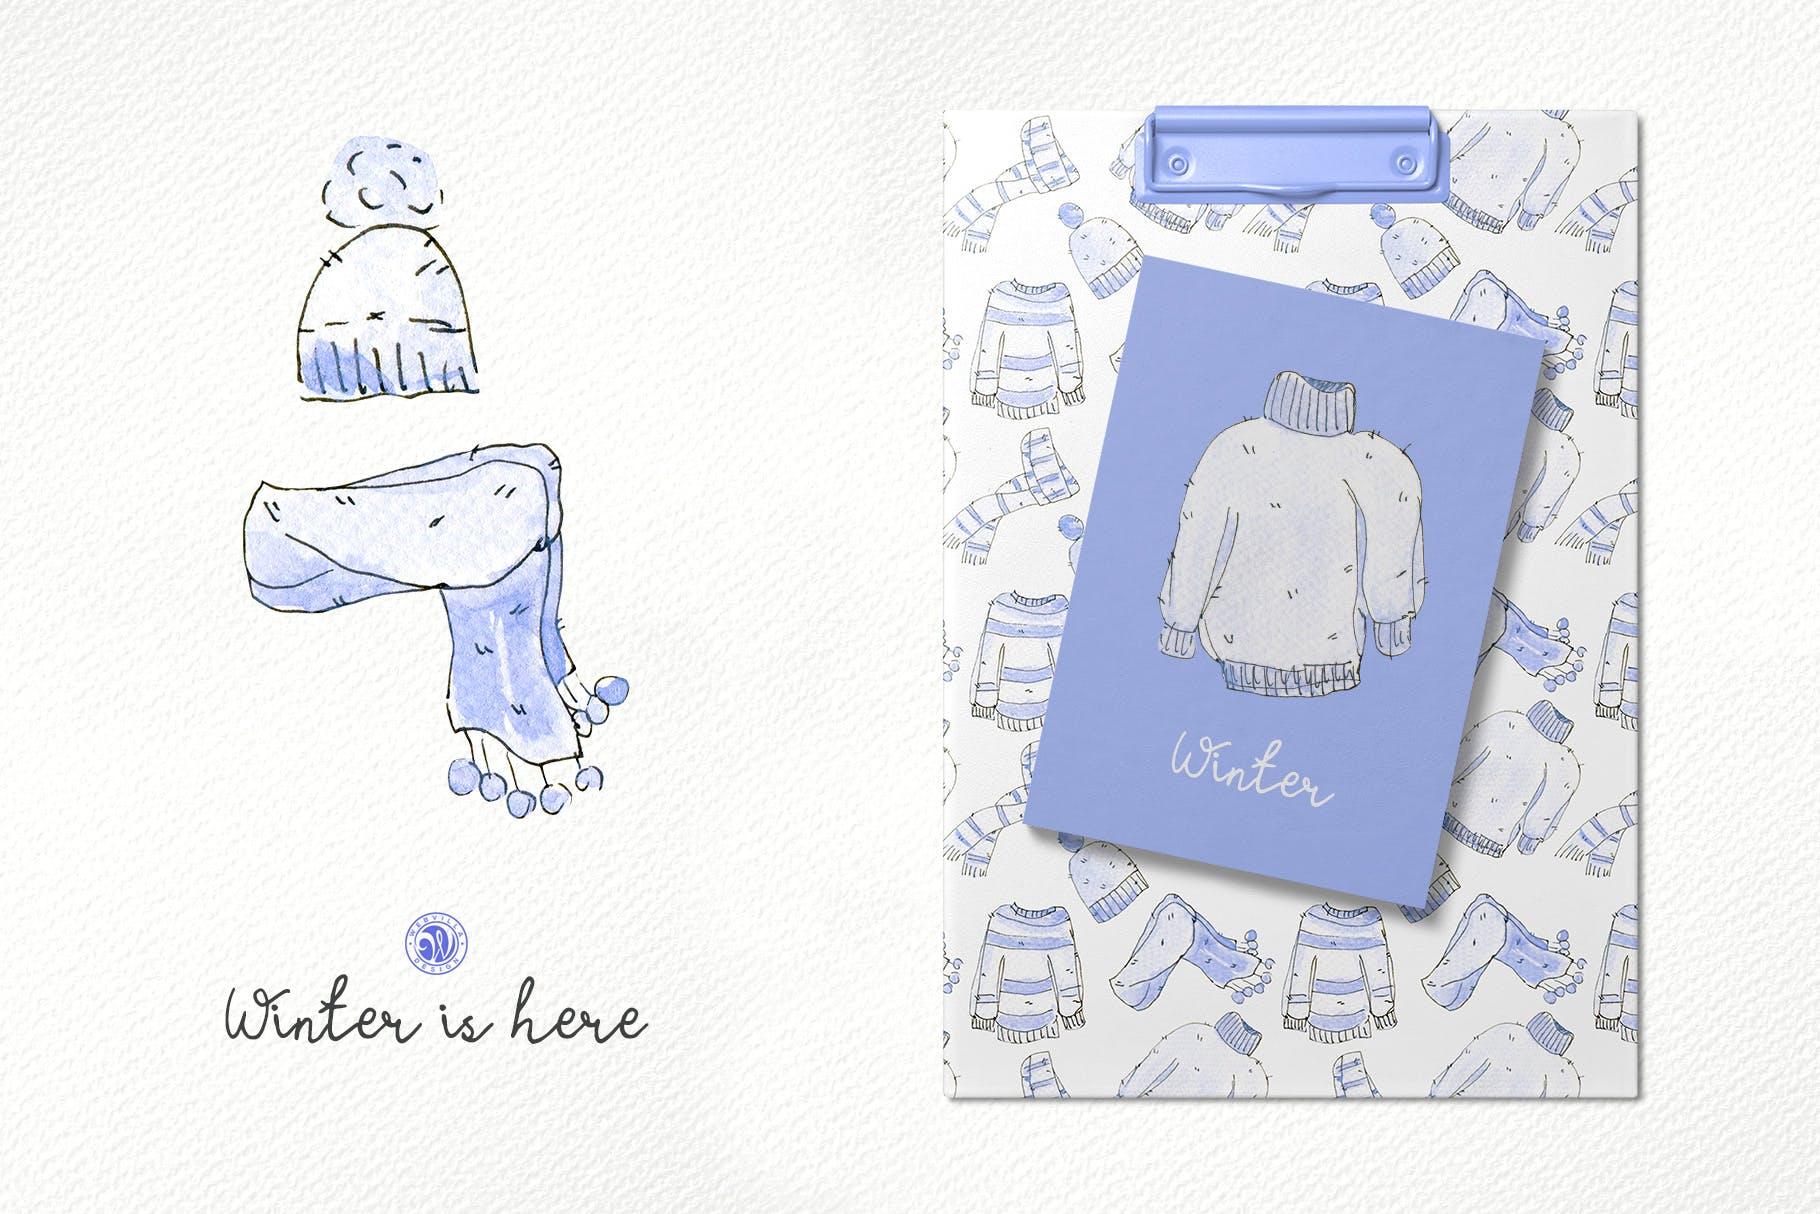 冬季手绘元素插图品牌装饰元素素材Winter is here插图(2)